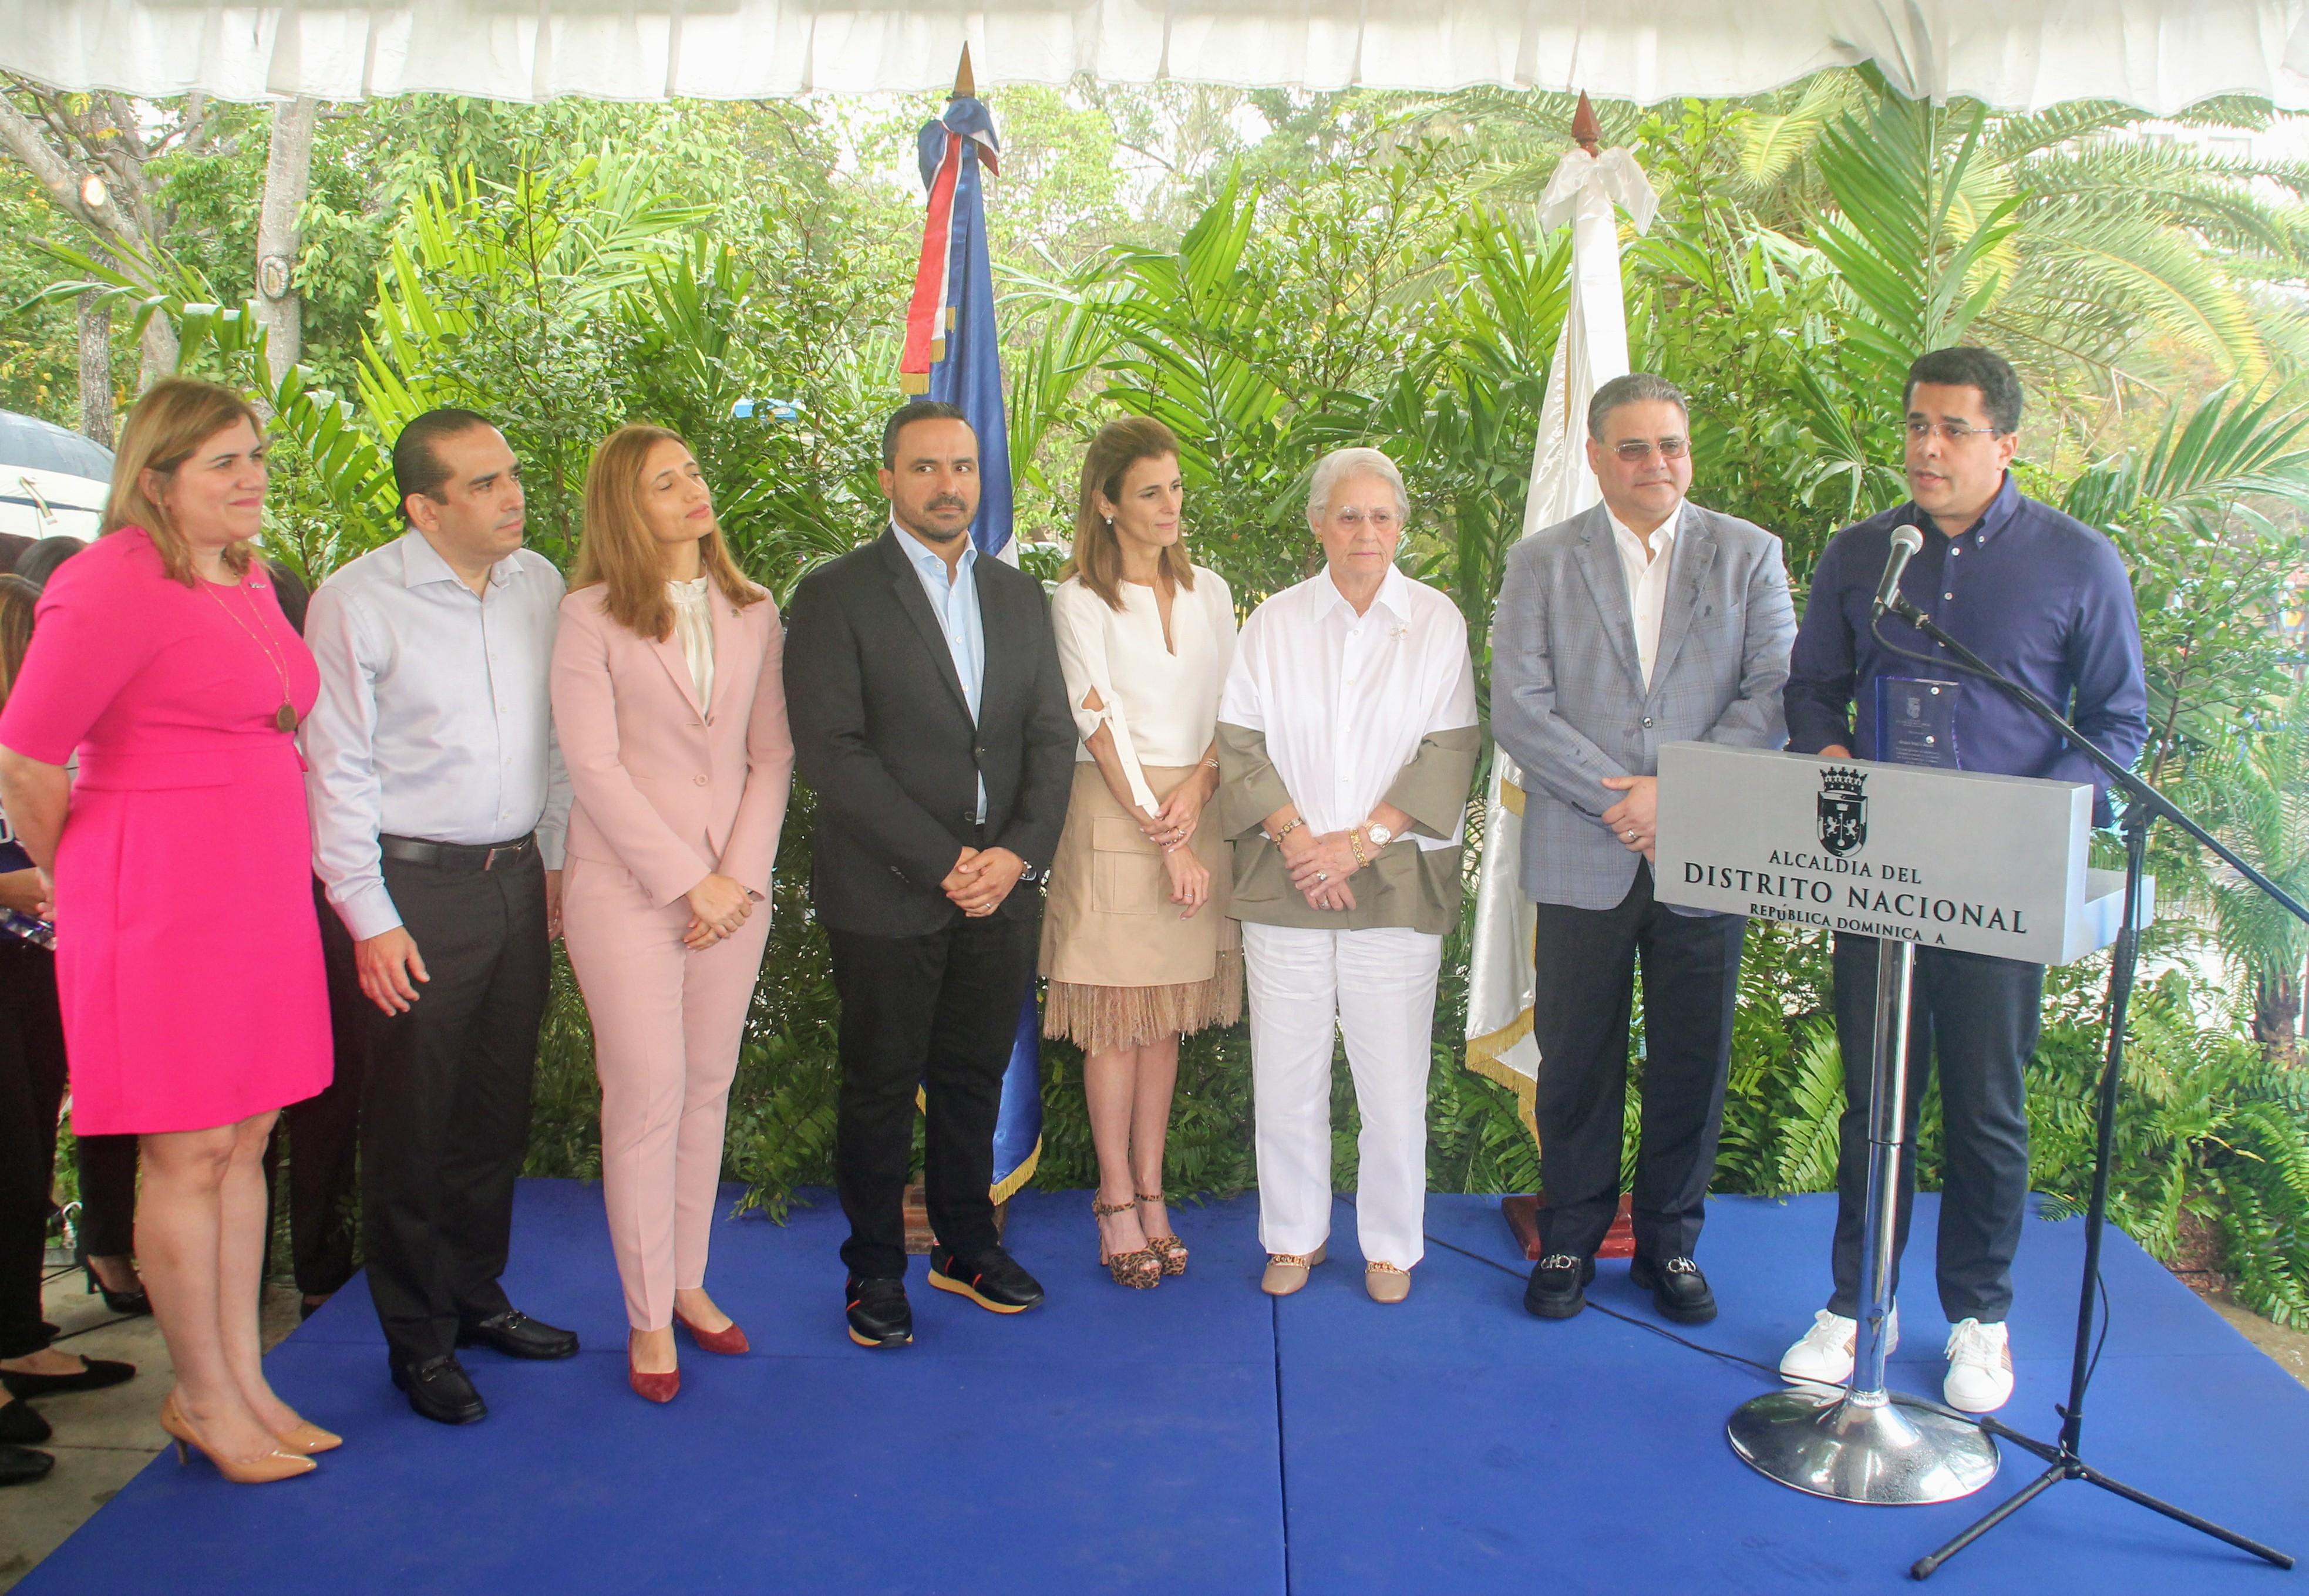 Alcalde DN entrega reconocimiento a pintores y empresas financiaron reconstrucción Avenida de la Salud